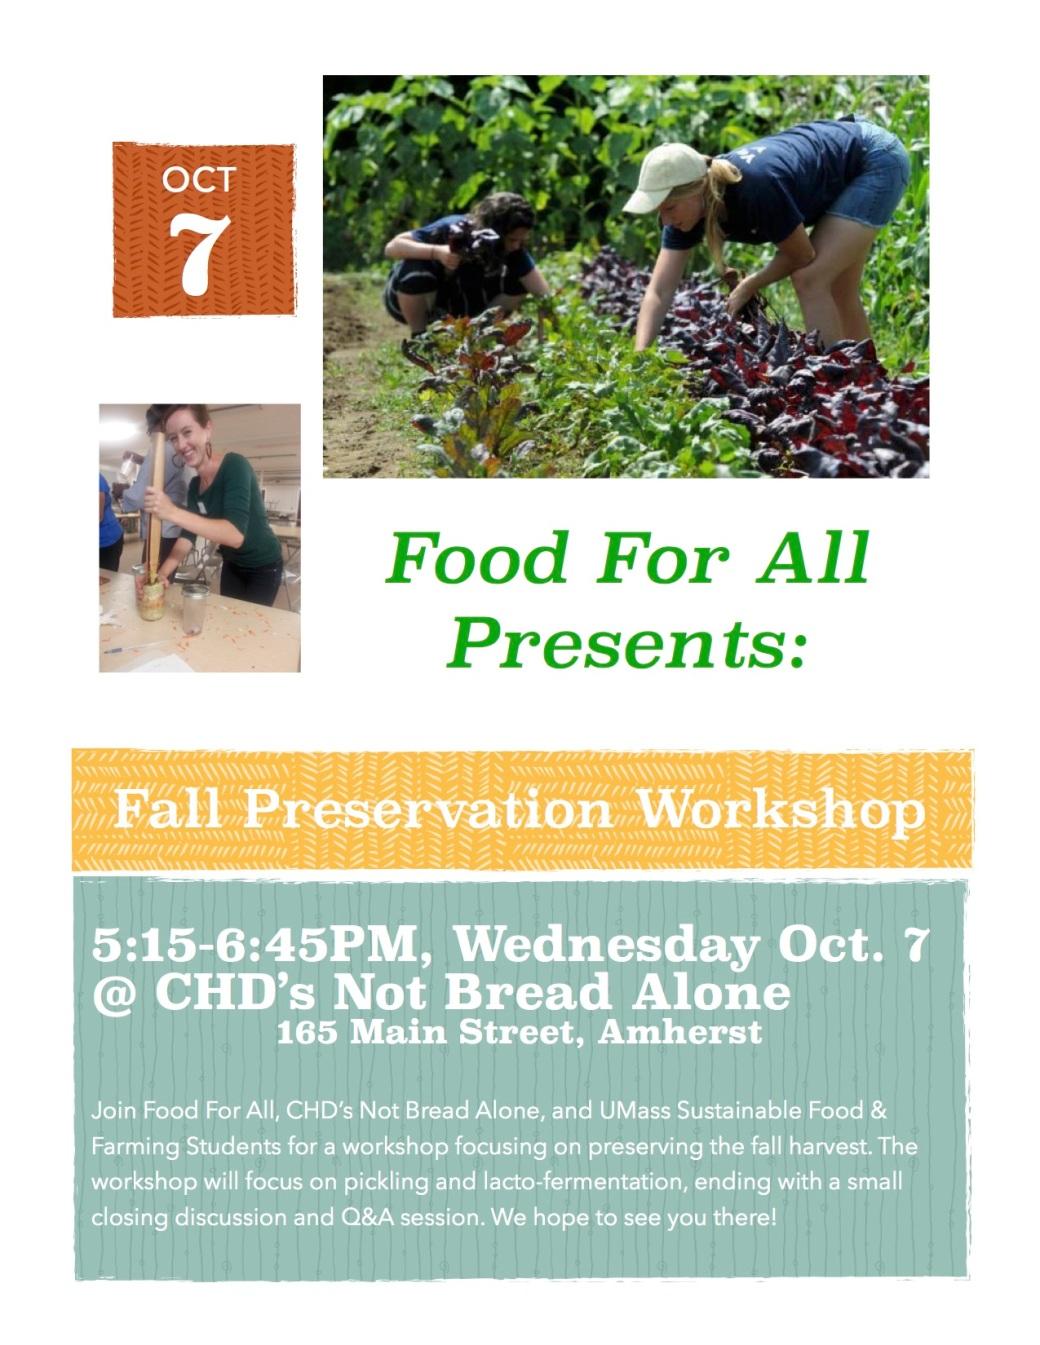 Fall Preservation Workshop Flyer-2